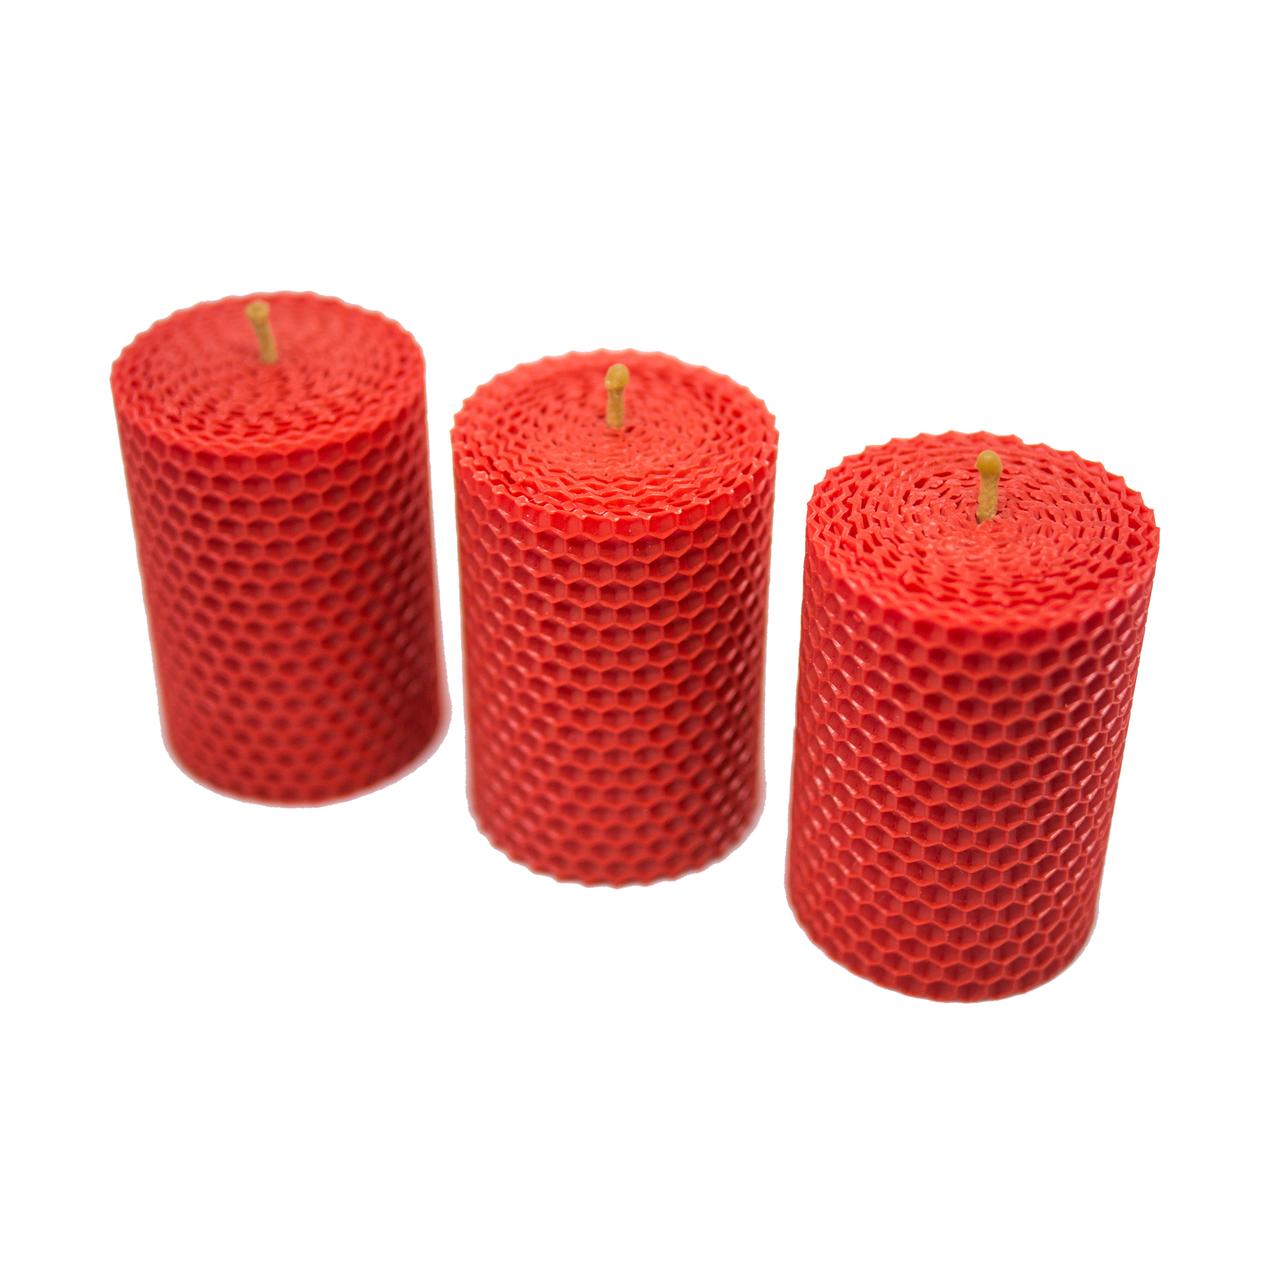 Червона свічка з вощини 8,5*6 см